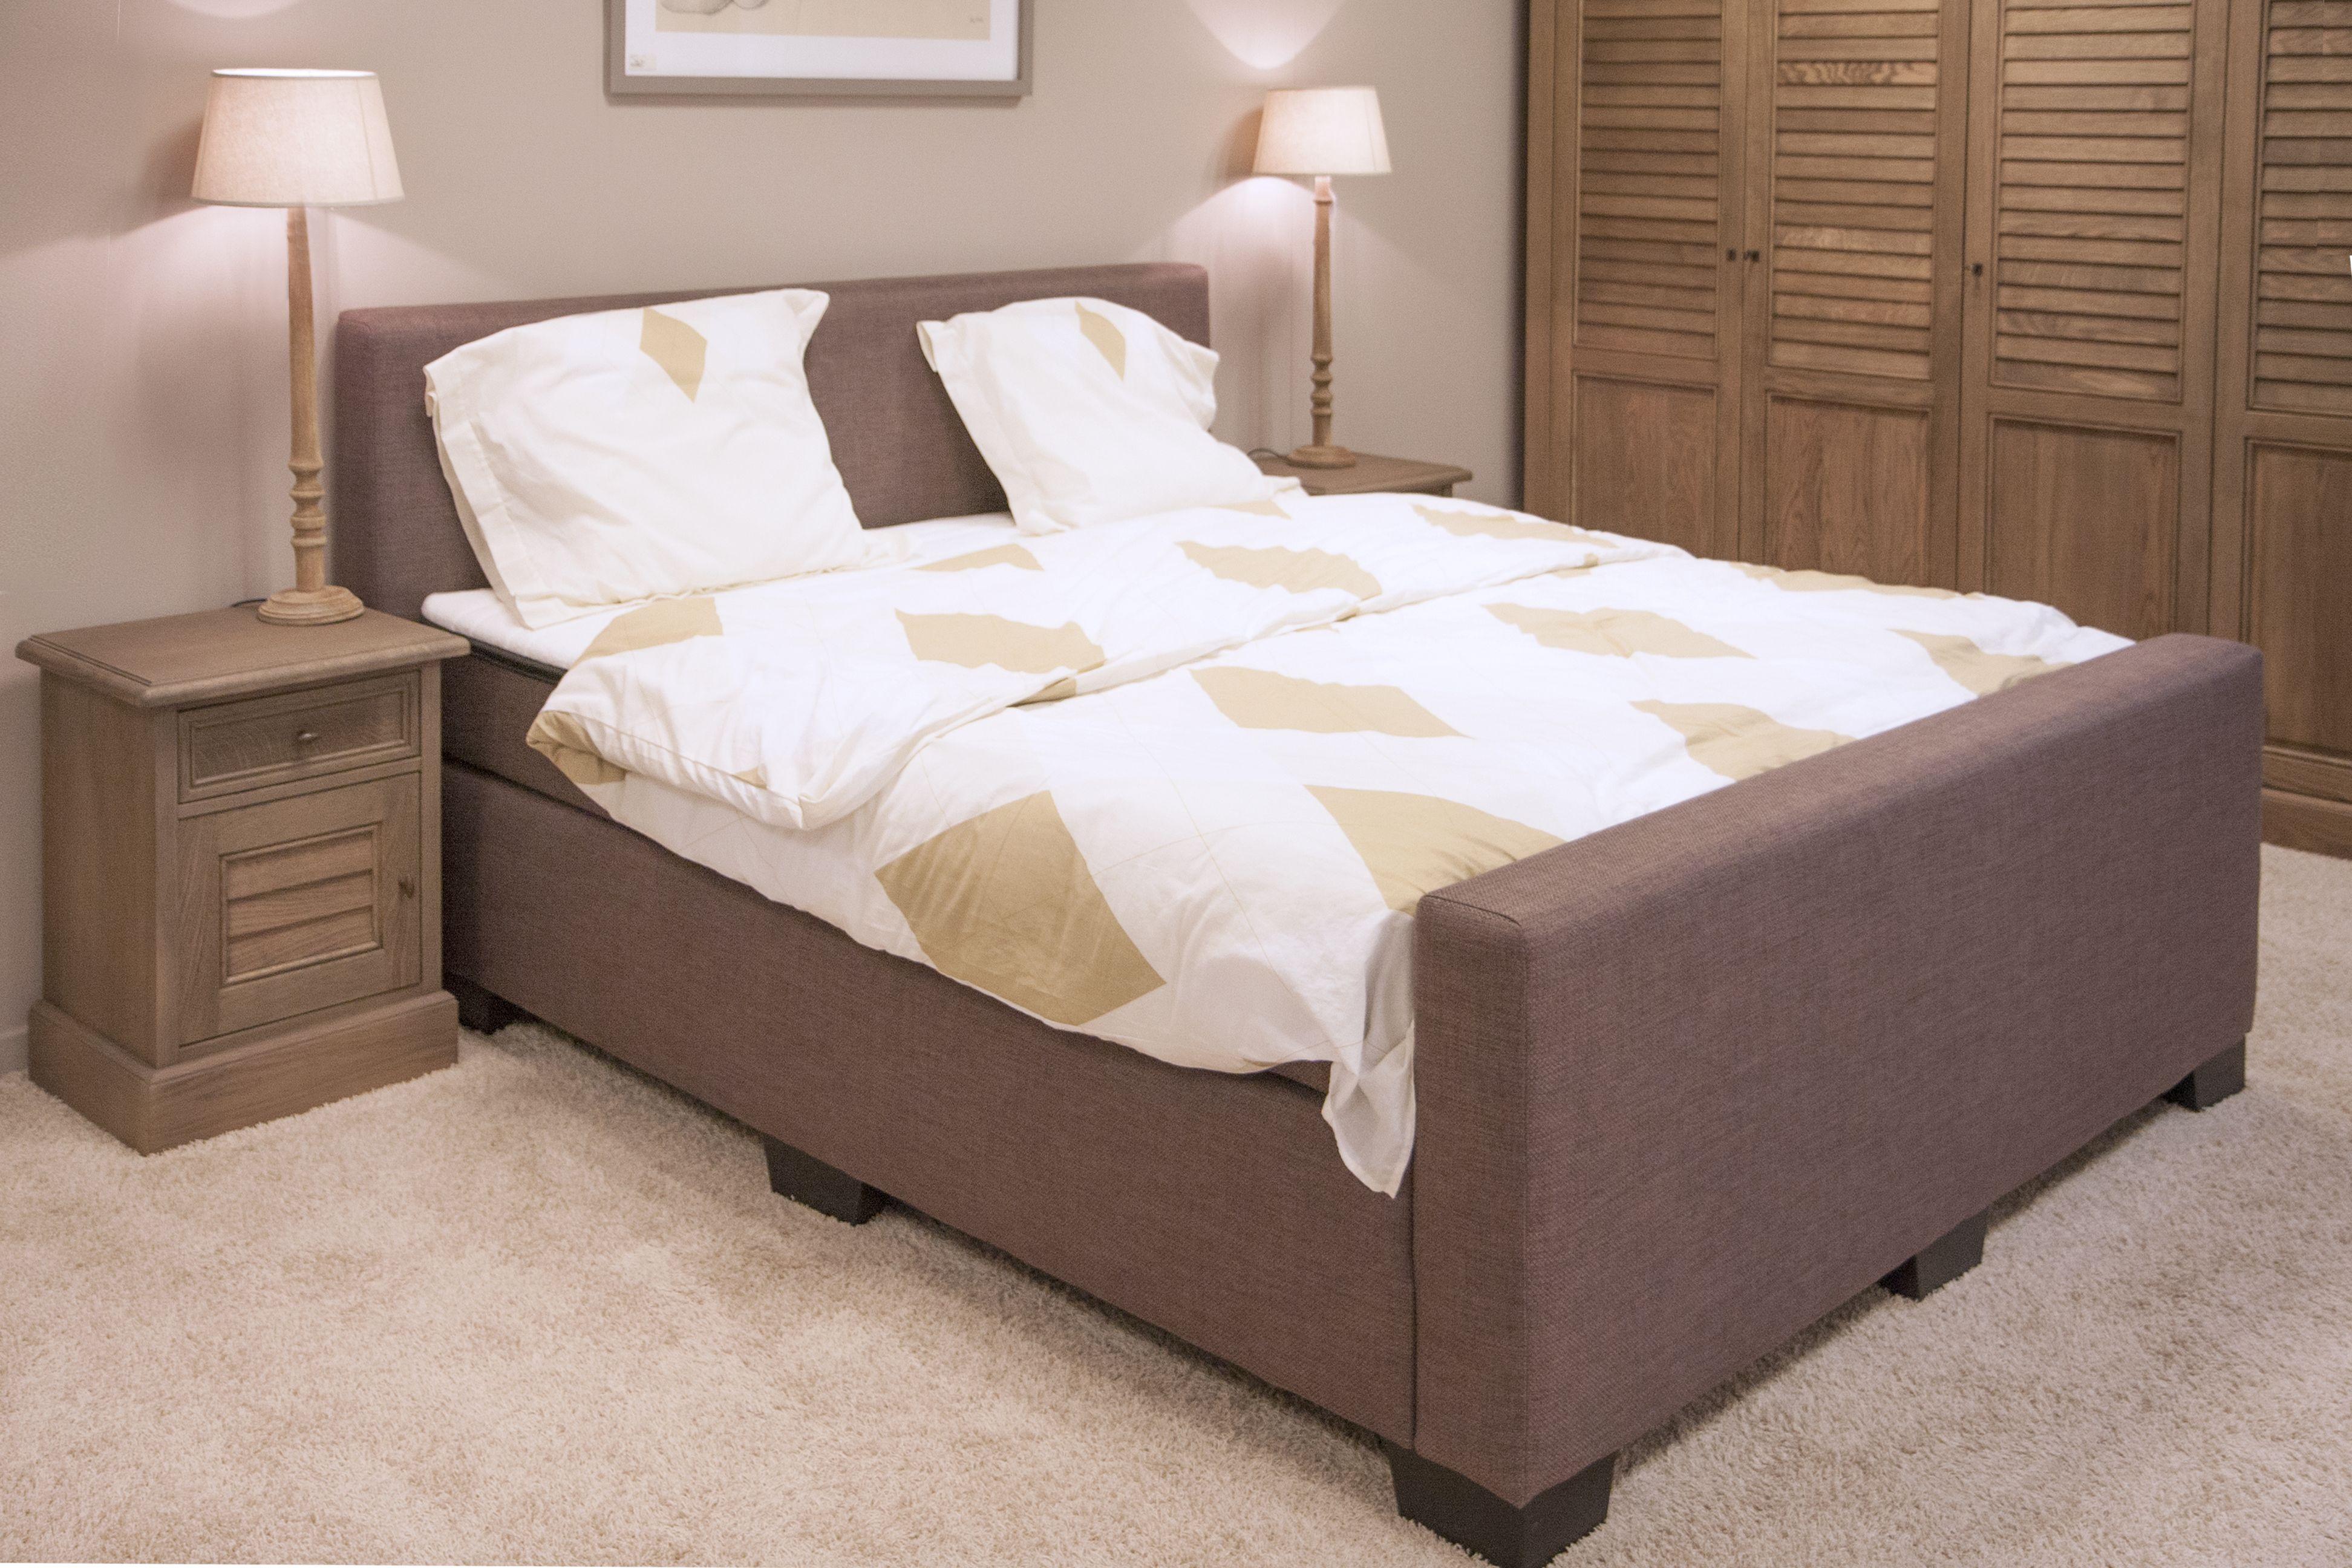 Slaapkamer Landelijk Boxspring : Een comfortabele boxspring in een landelijke slaapkamer. meubelen